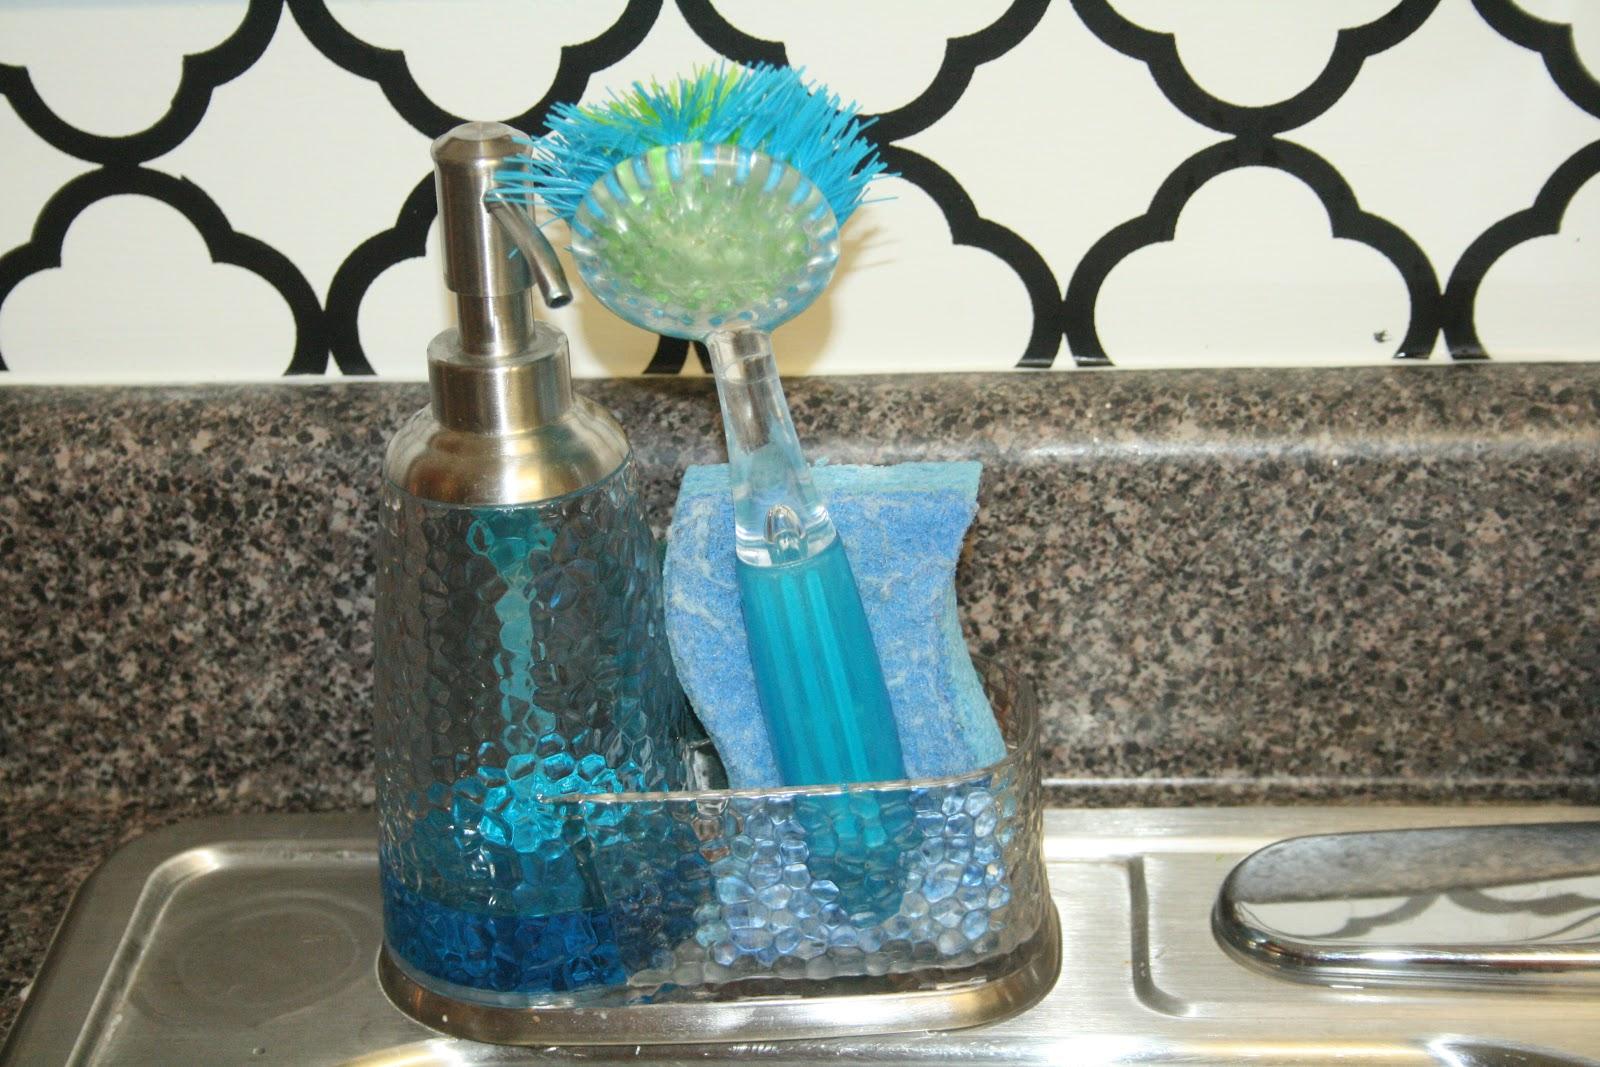 Dish soap dispenser with sponge holder